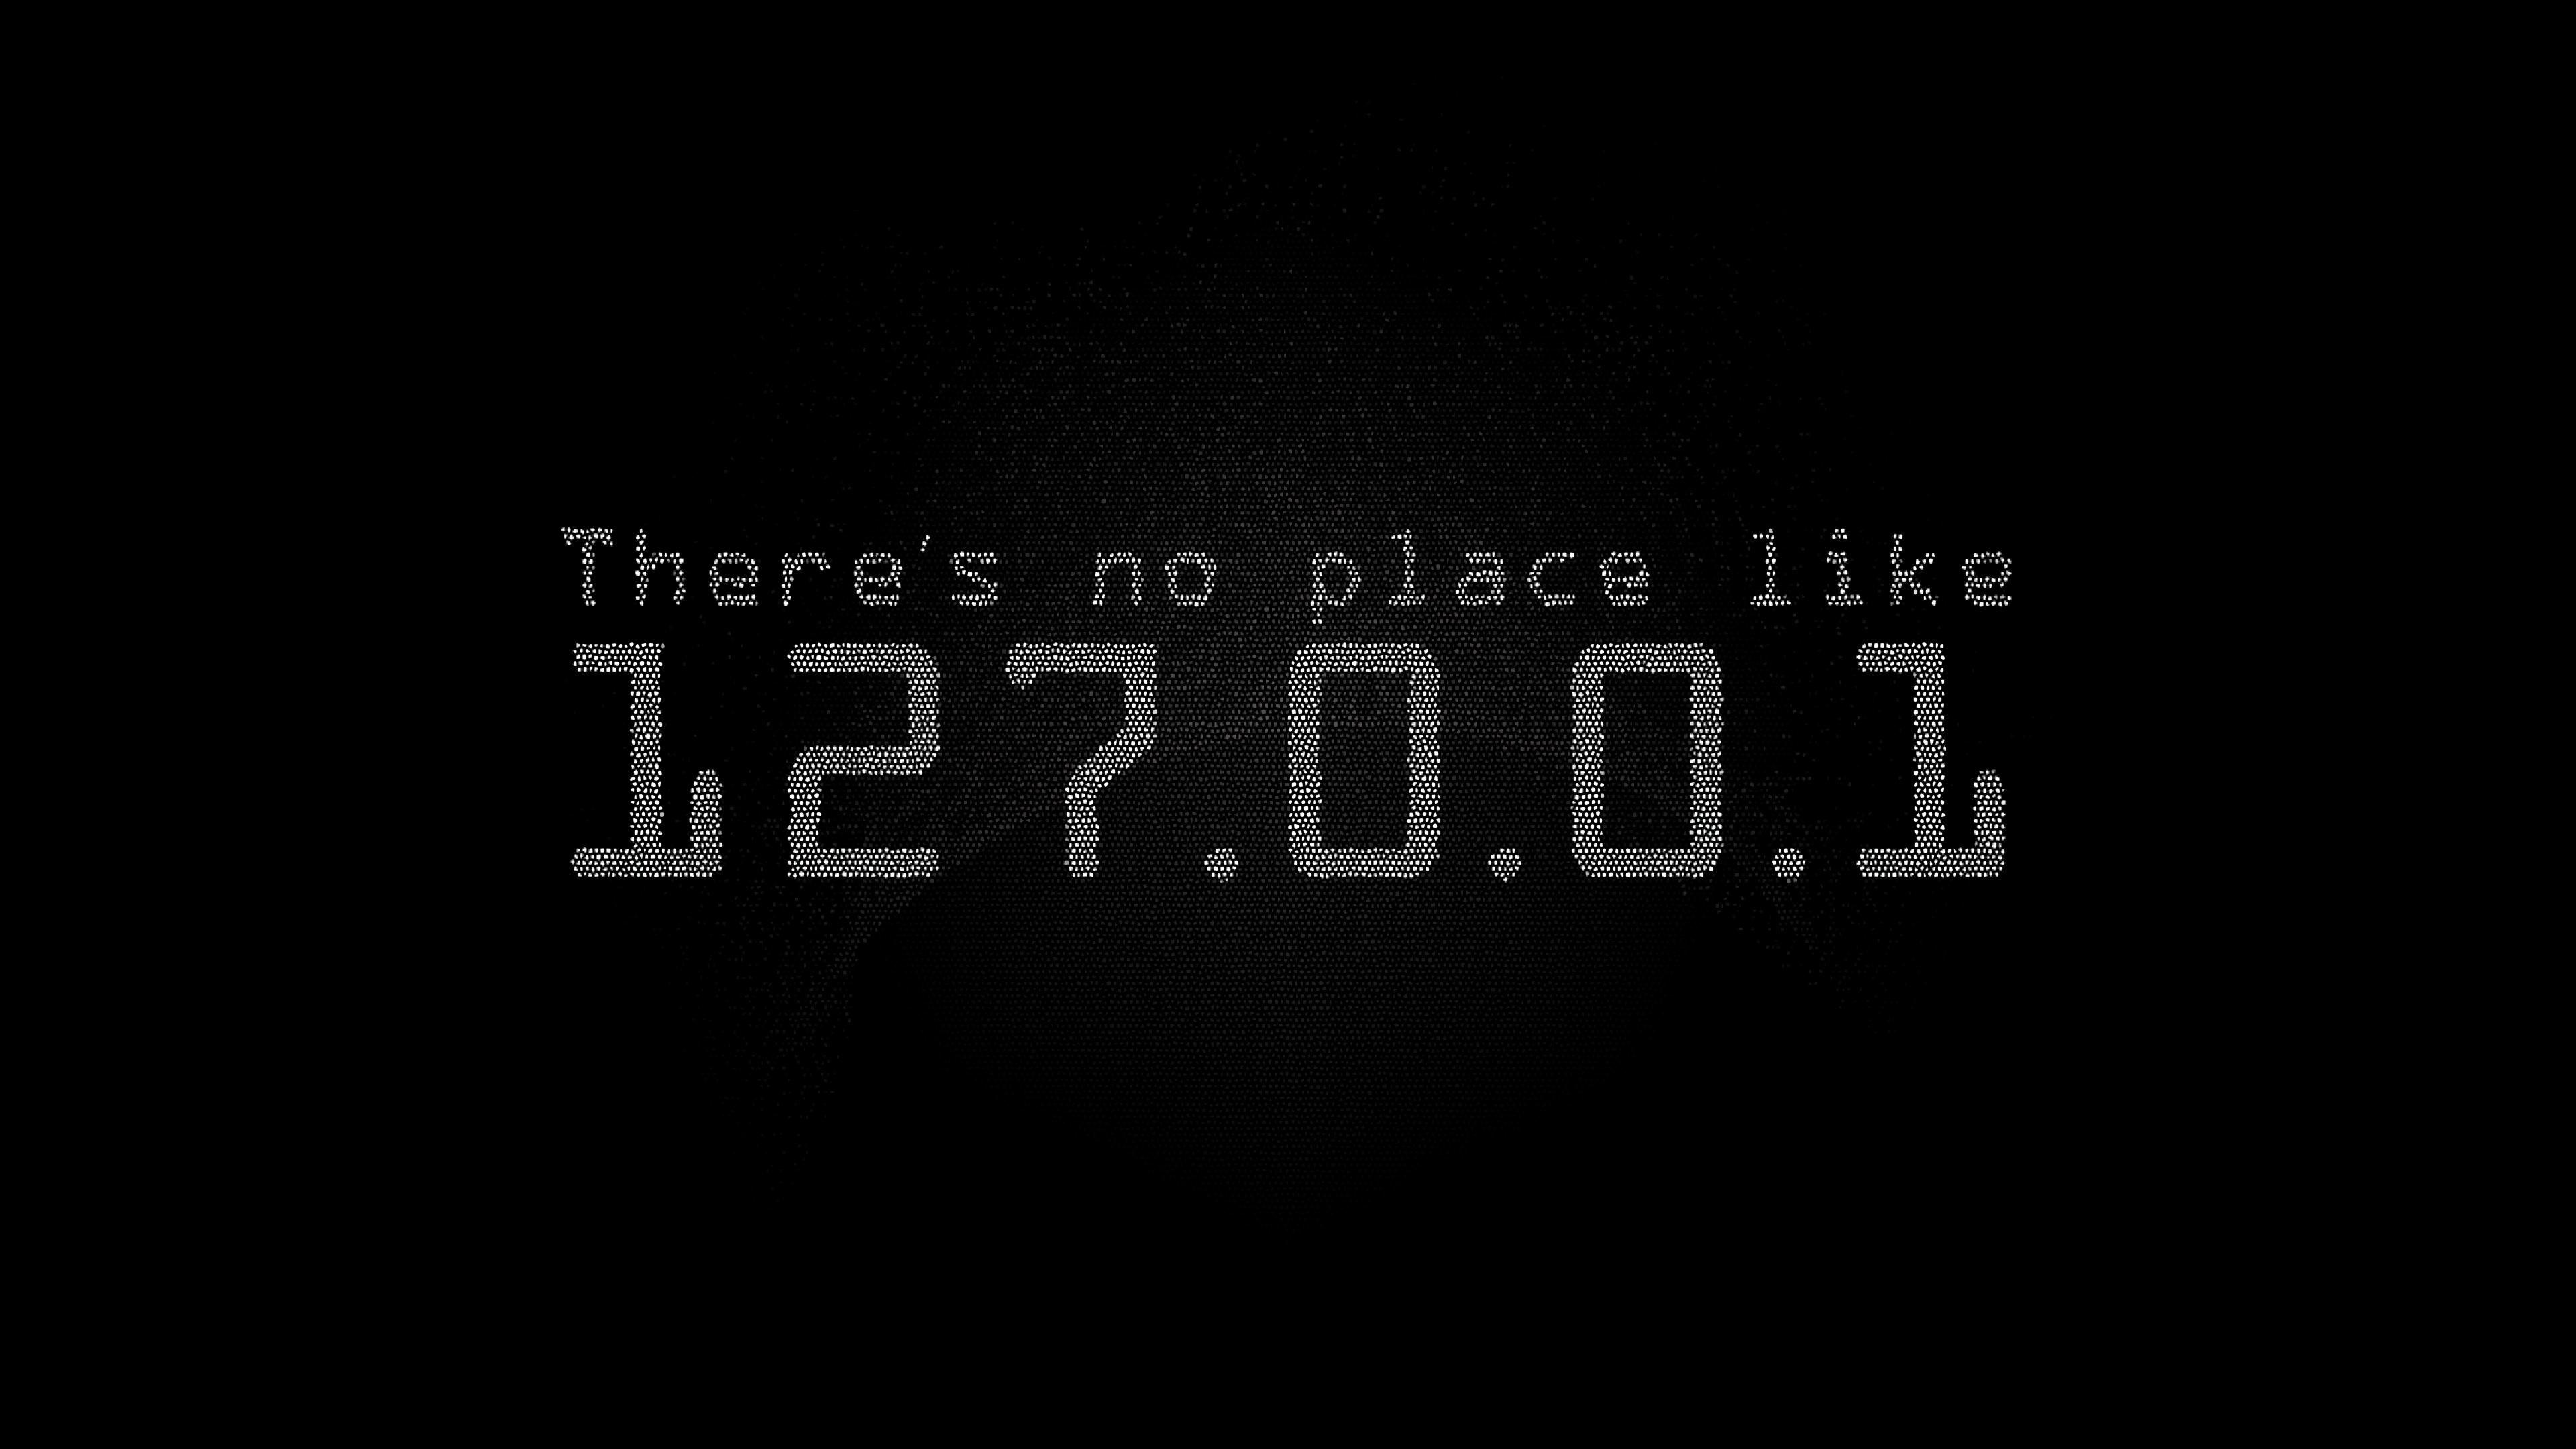 hacker code wallpaper - photo #41